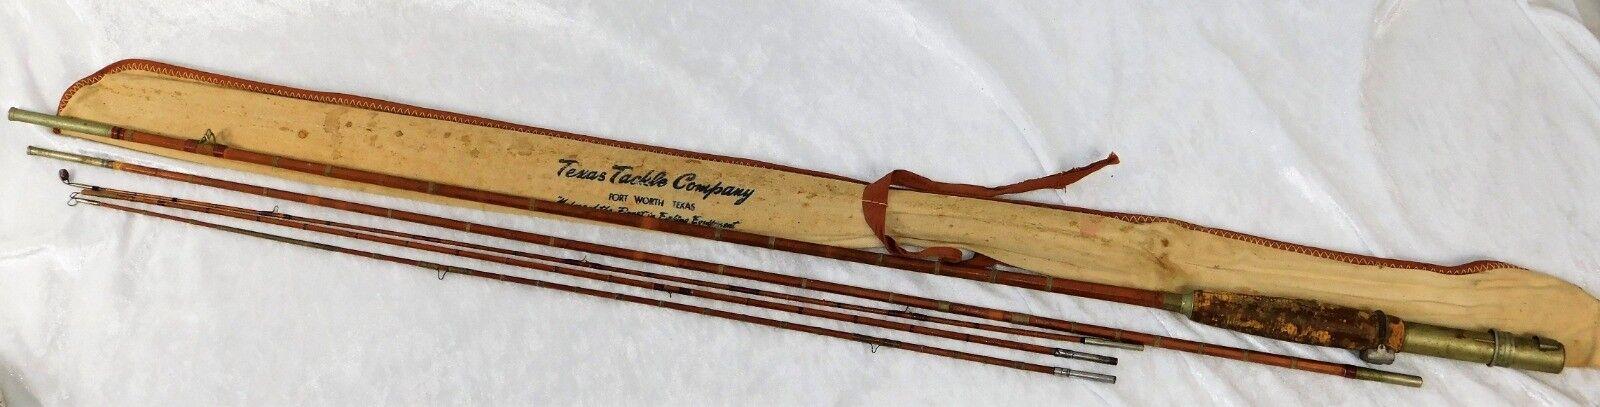 Vintage década de 1940 Fort Worth TX Texas Tackle dividir bambú Fly Rod 8FT